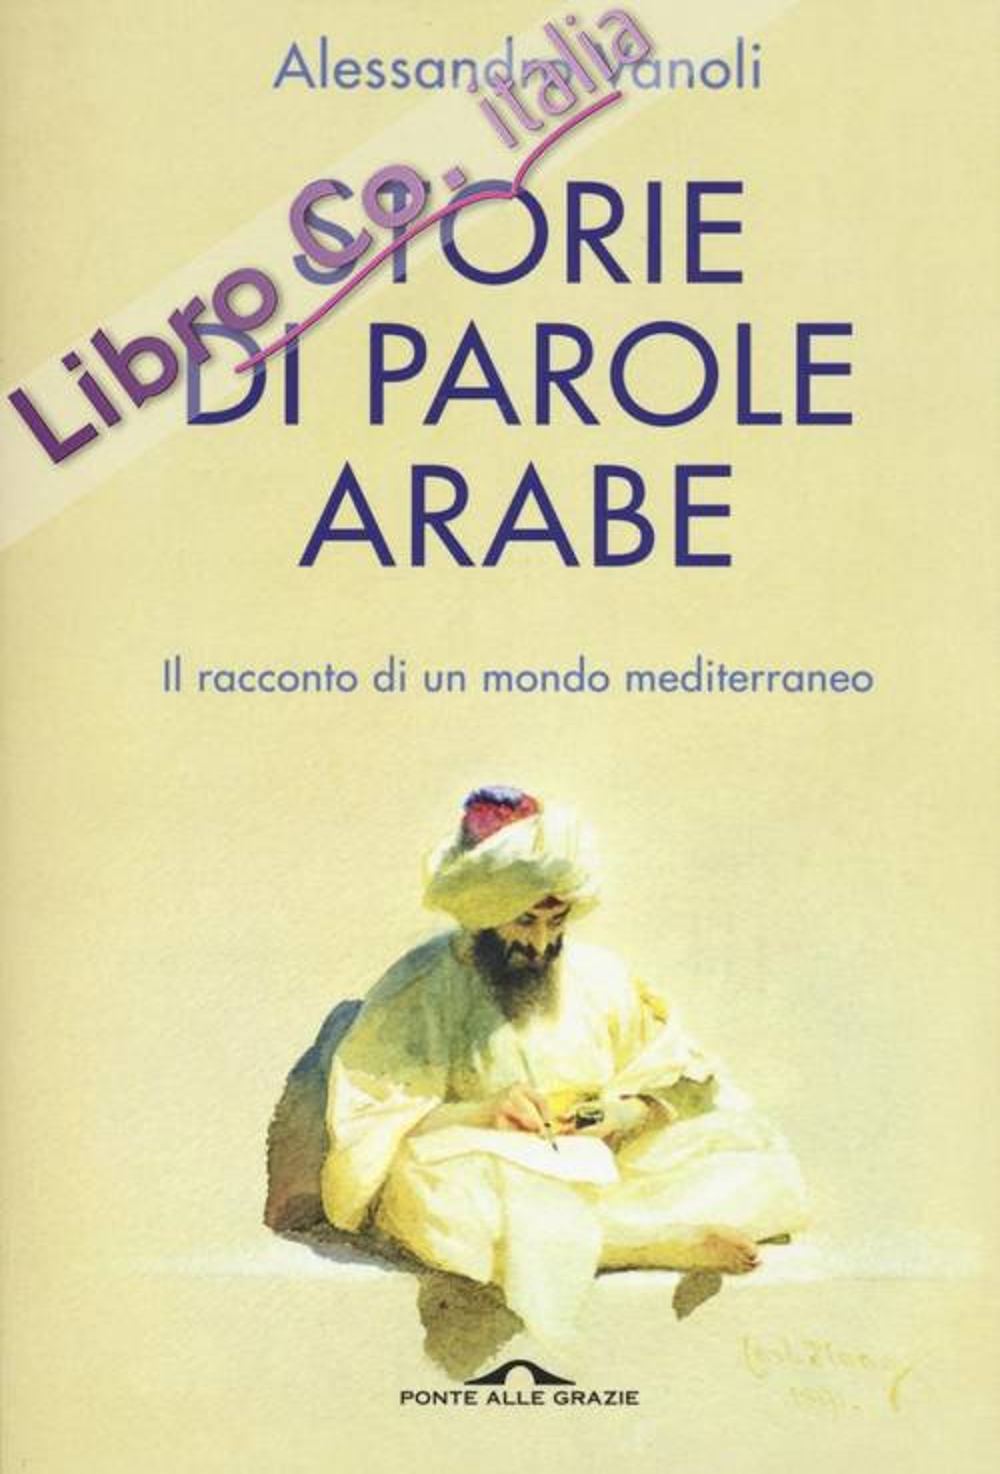 Storie di parole arabe.